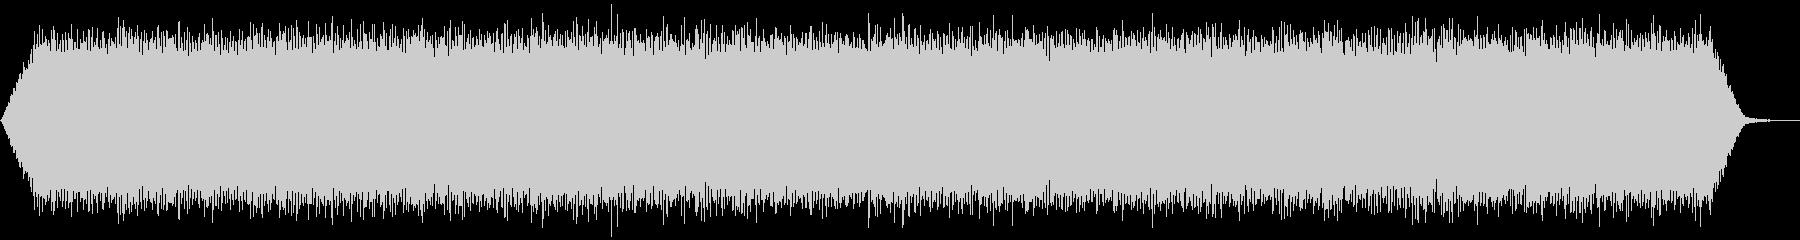 【アンビエント】ドローン_34 実験音の未再生の波形